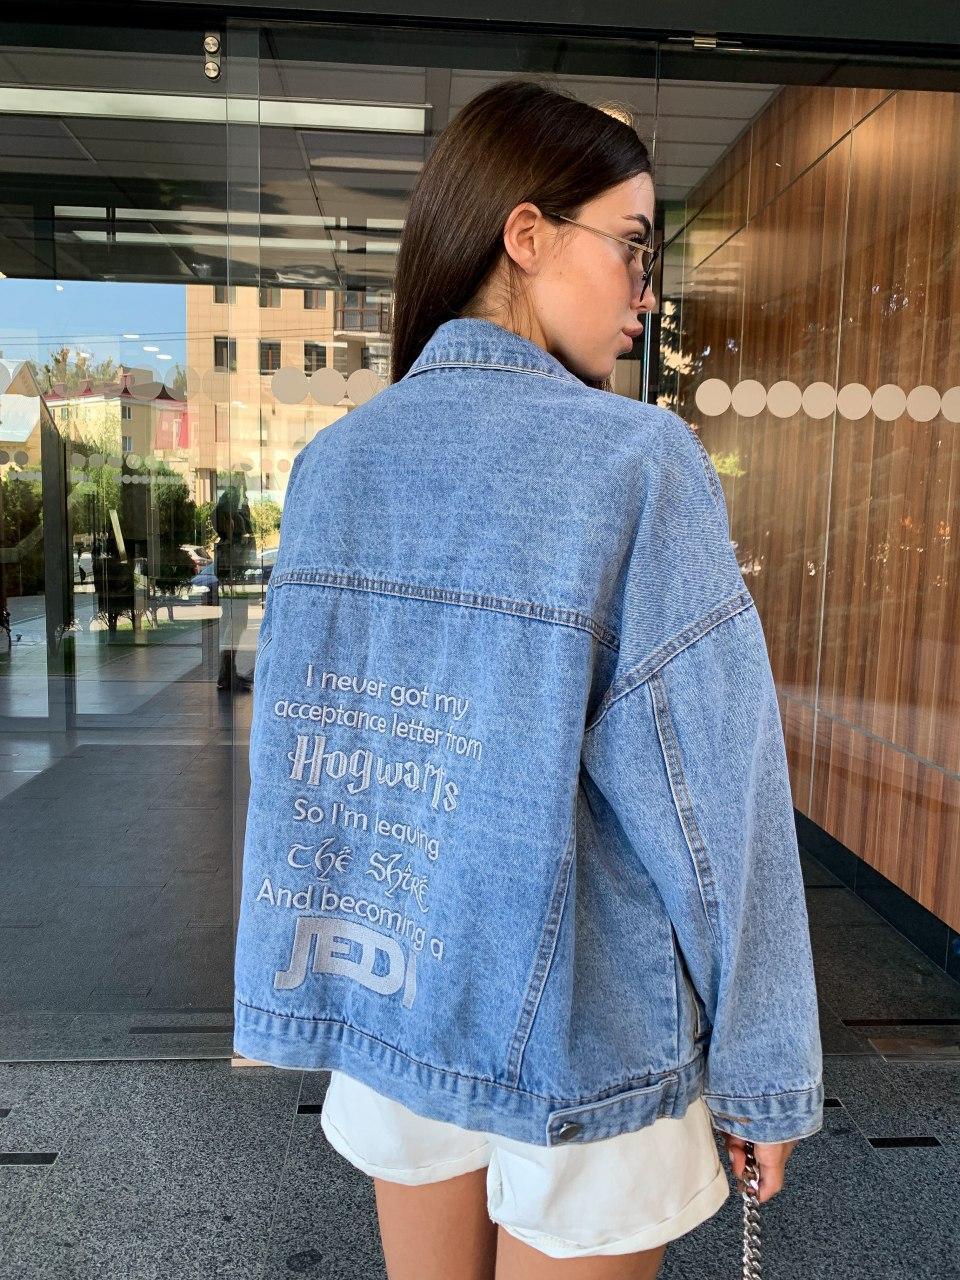 Джинсовая куртка оверсайз свободного кроя с надписями на спине